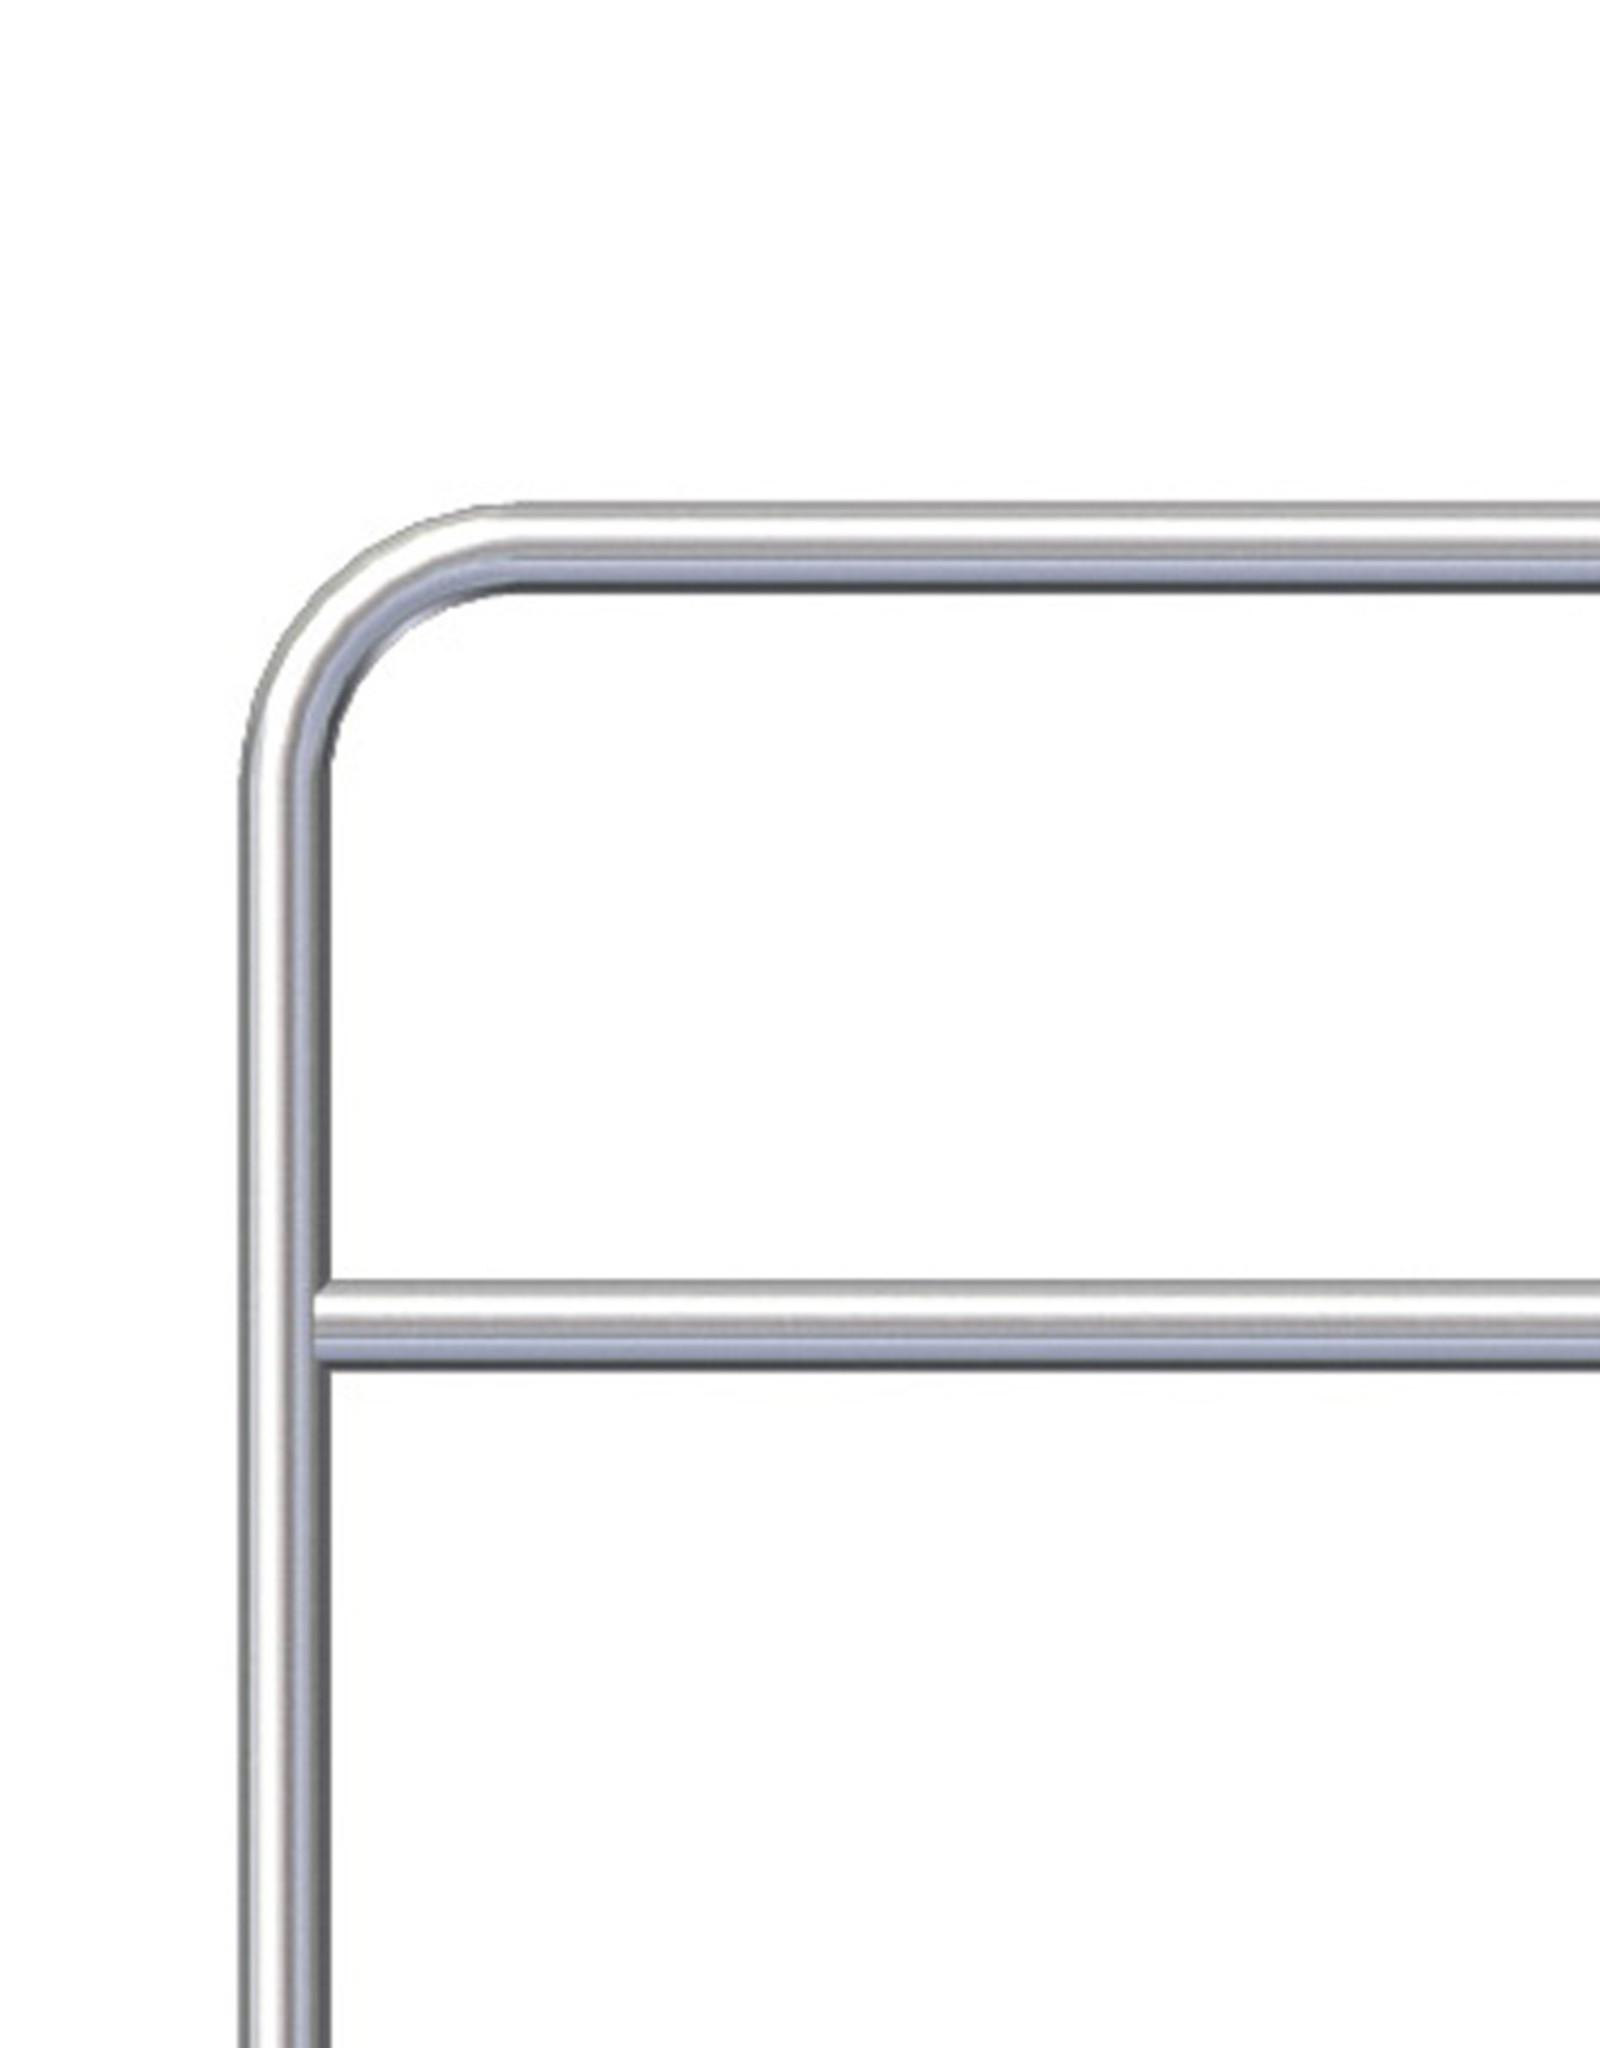 Ri-Traffic | Sluishekken Staal Gegalvaniseerd 200 cm x 140 cm